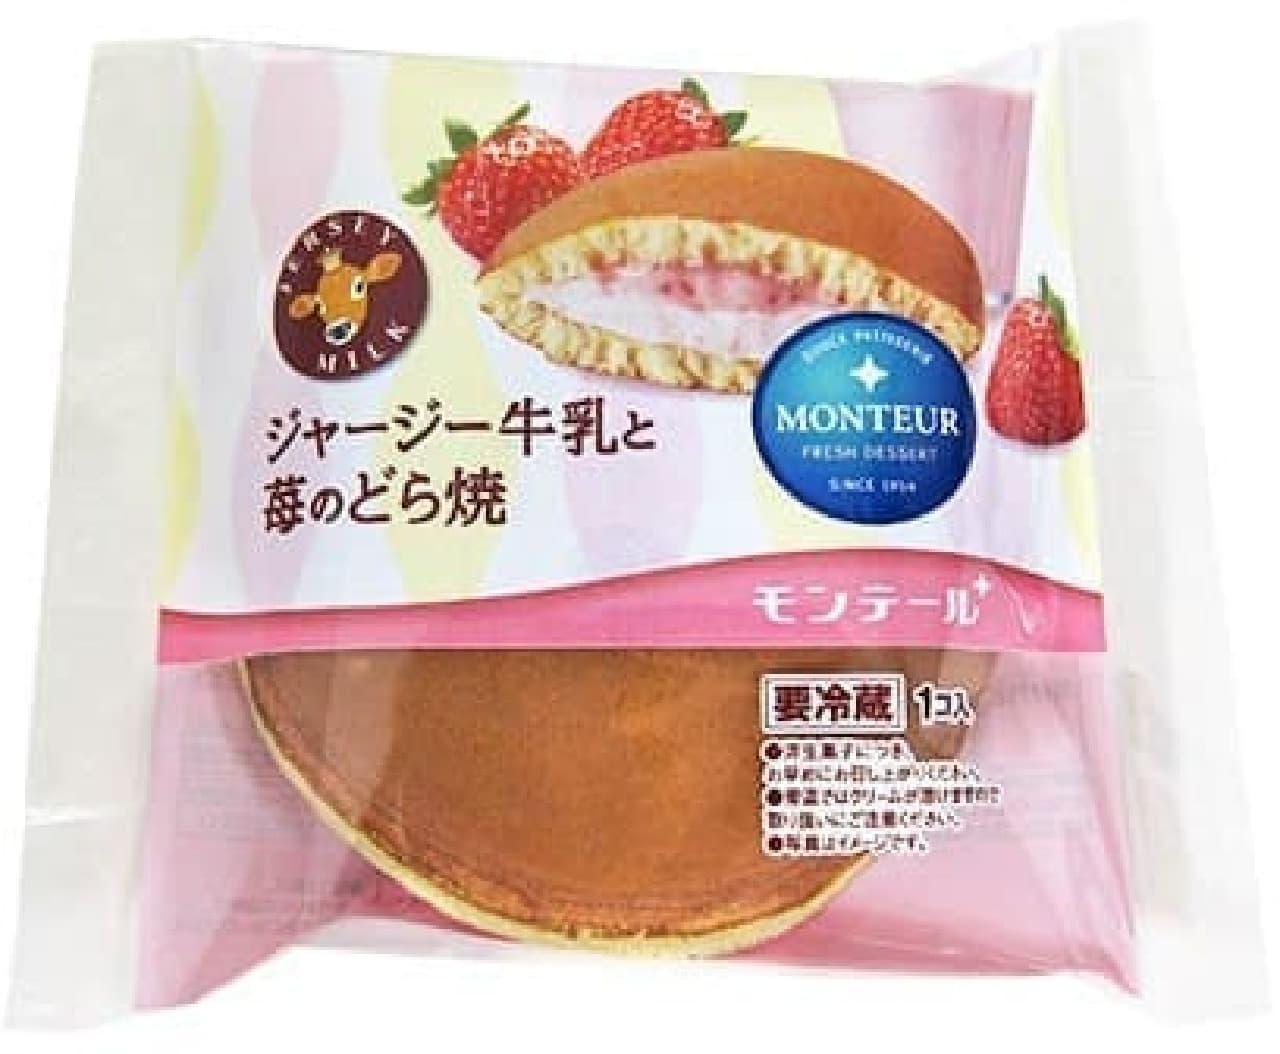 モンテール「ジャージー牛乳と苺のどら焼」